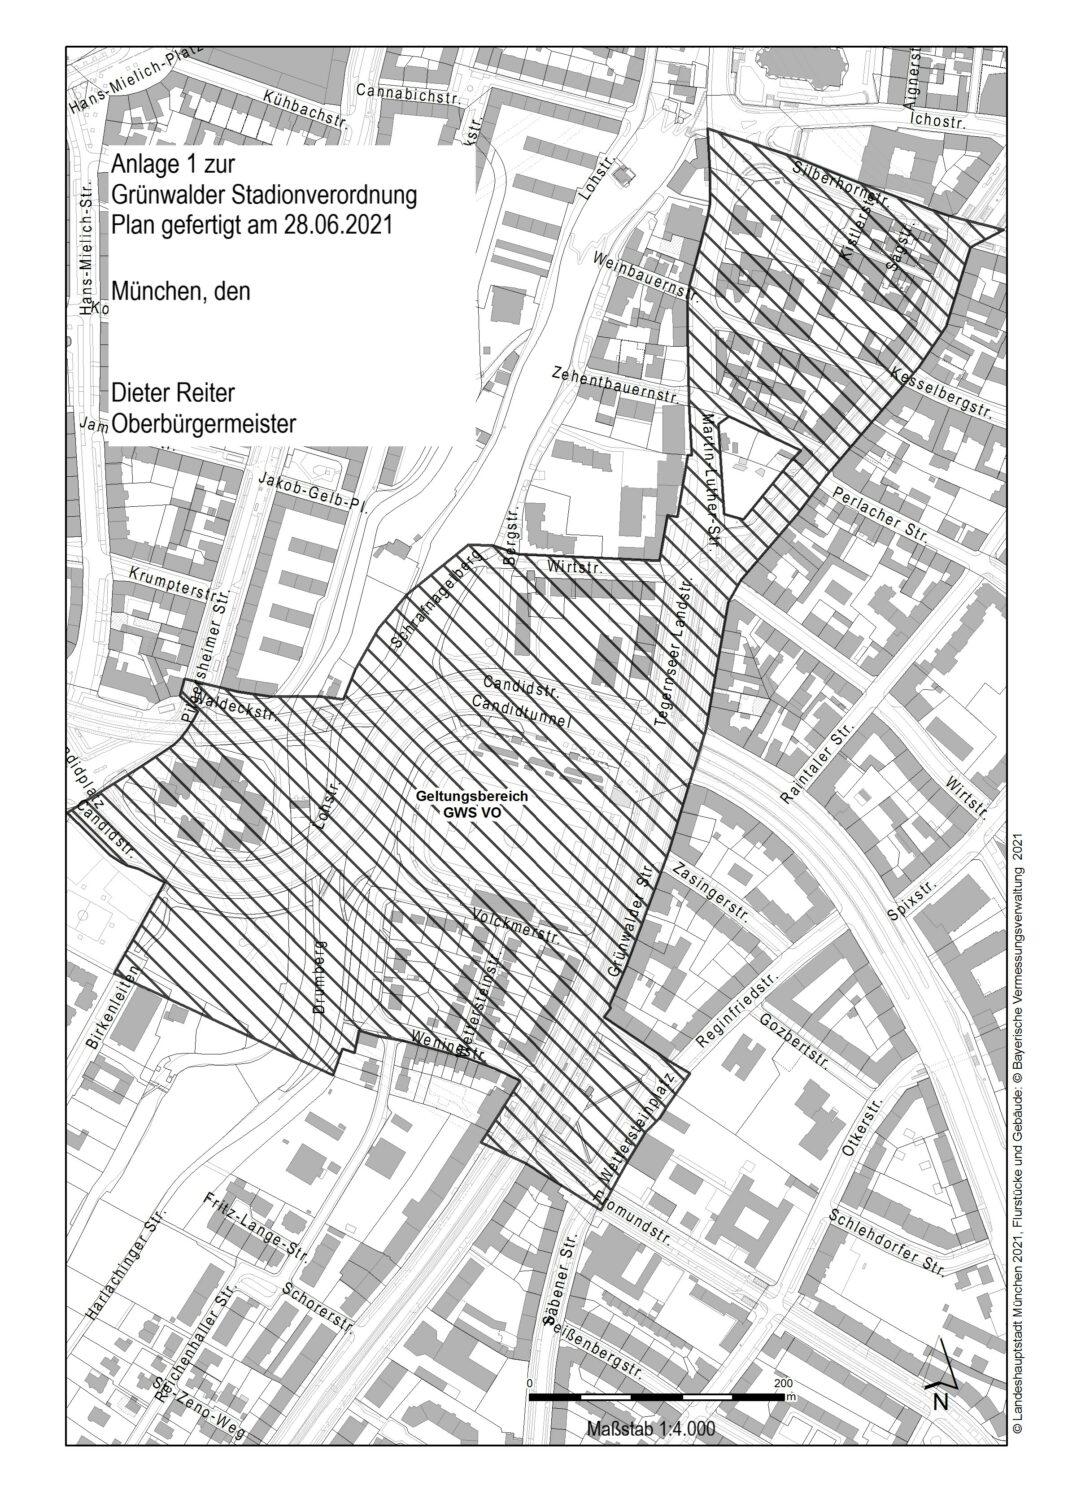 Geltungsbereich Gruenwalder Stadionverordnung